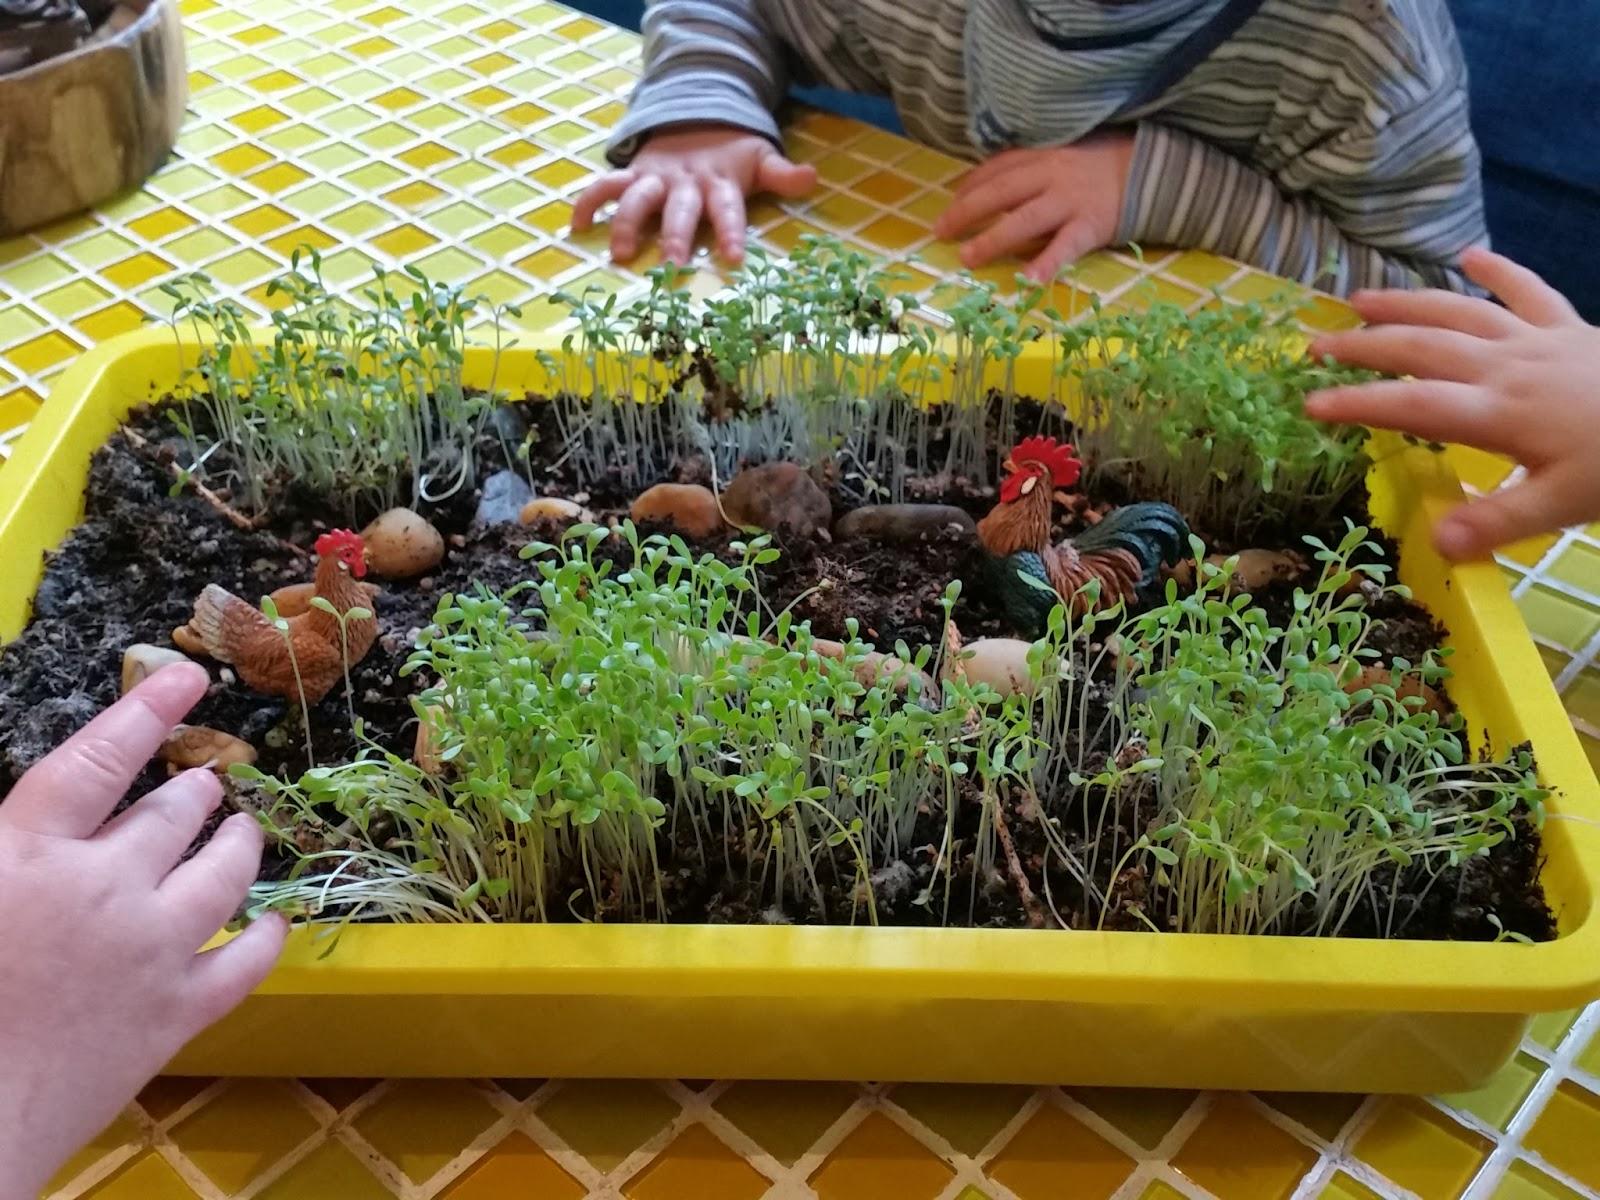 BARFUSS IM GRAS: News aus dem Minigärtchen